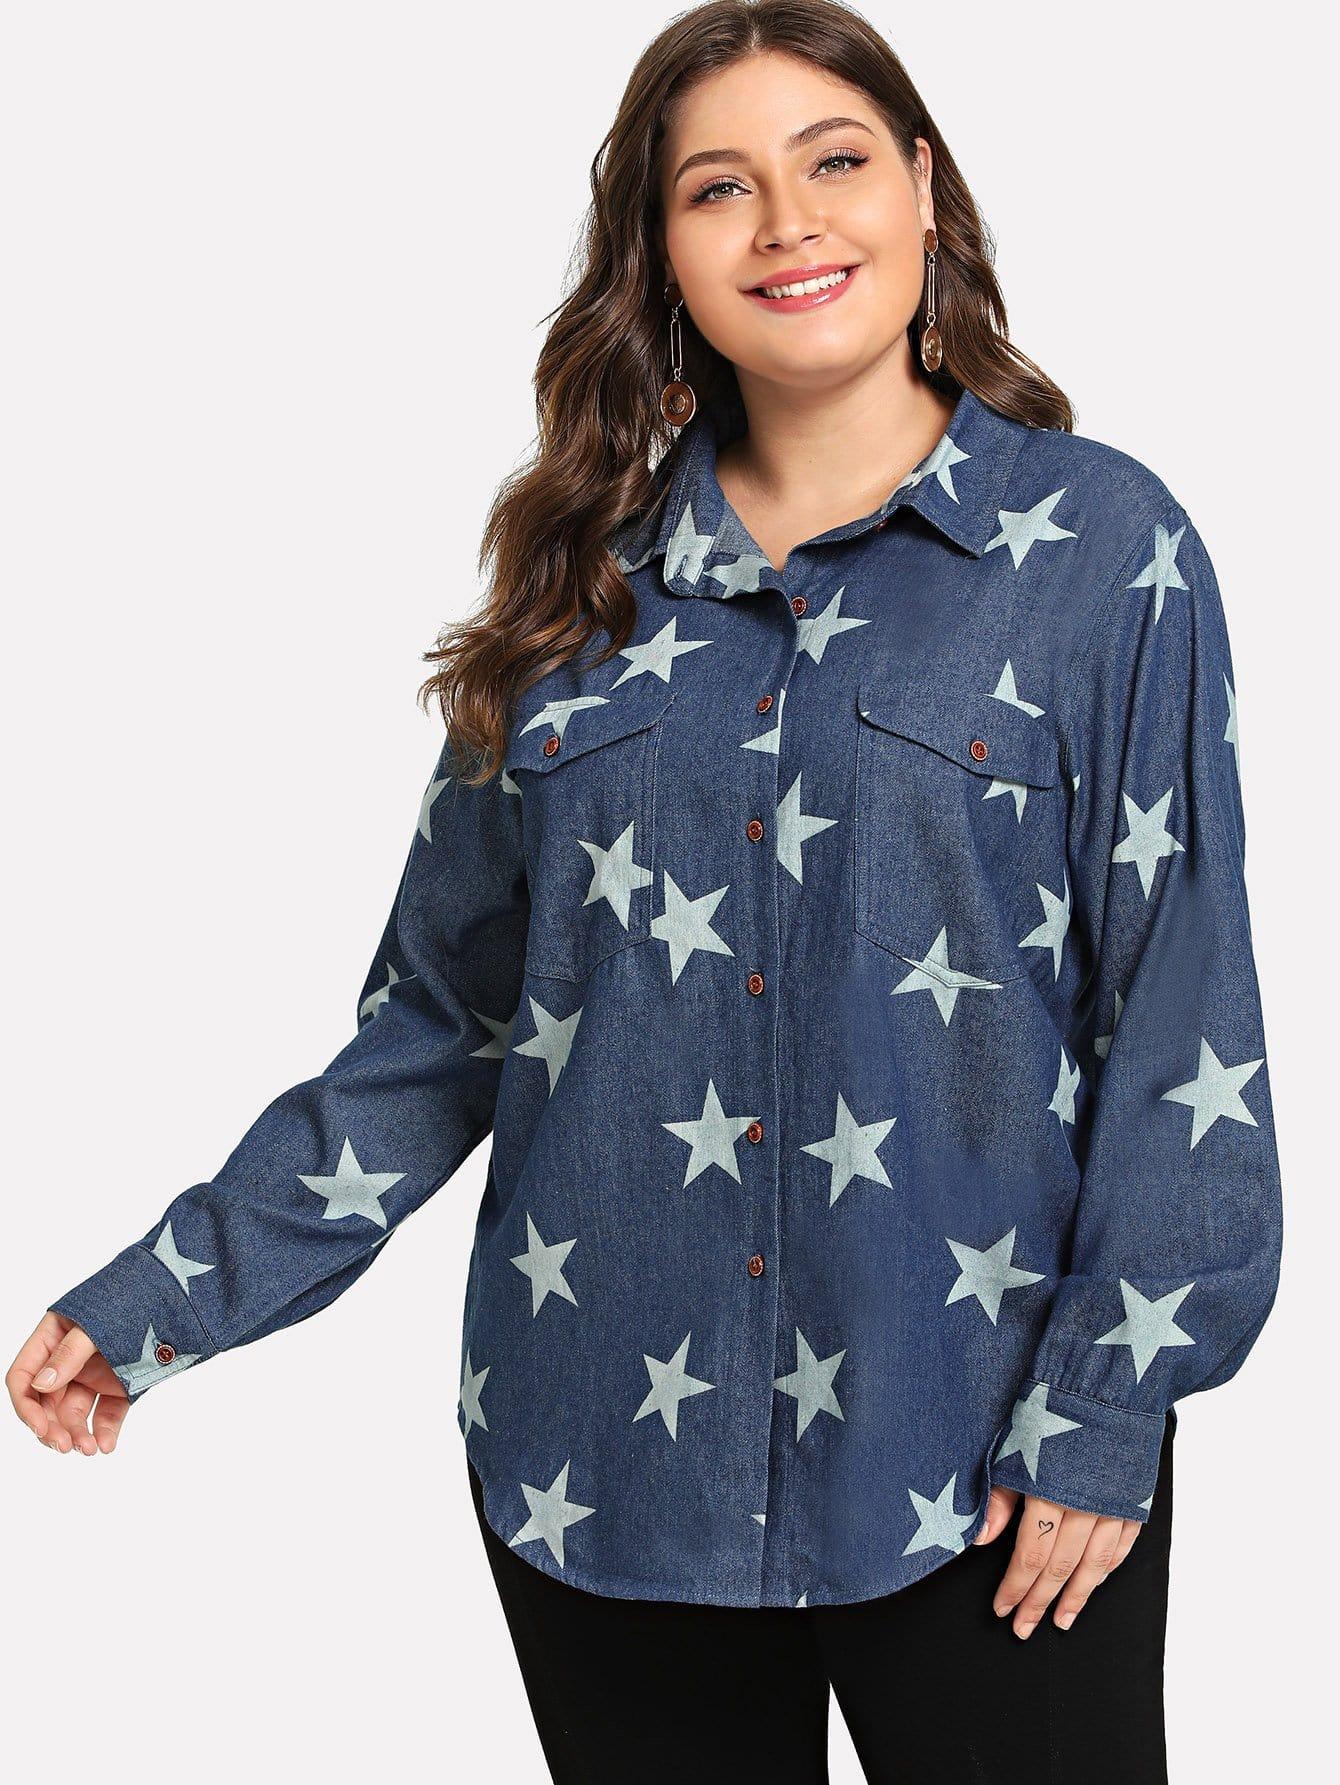 Купить Плюс размеры звезда печати Джинсовые рубашки, Carol, SheIn